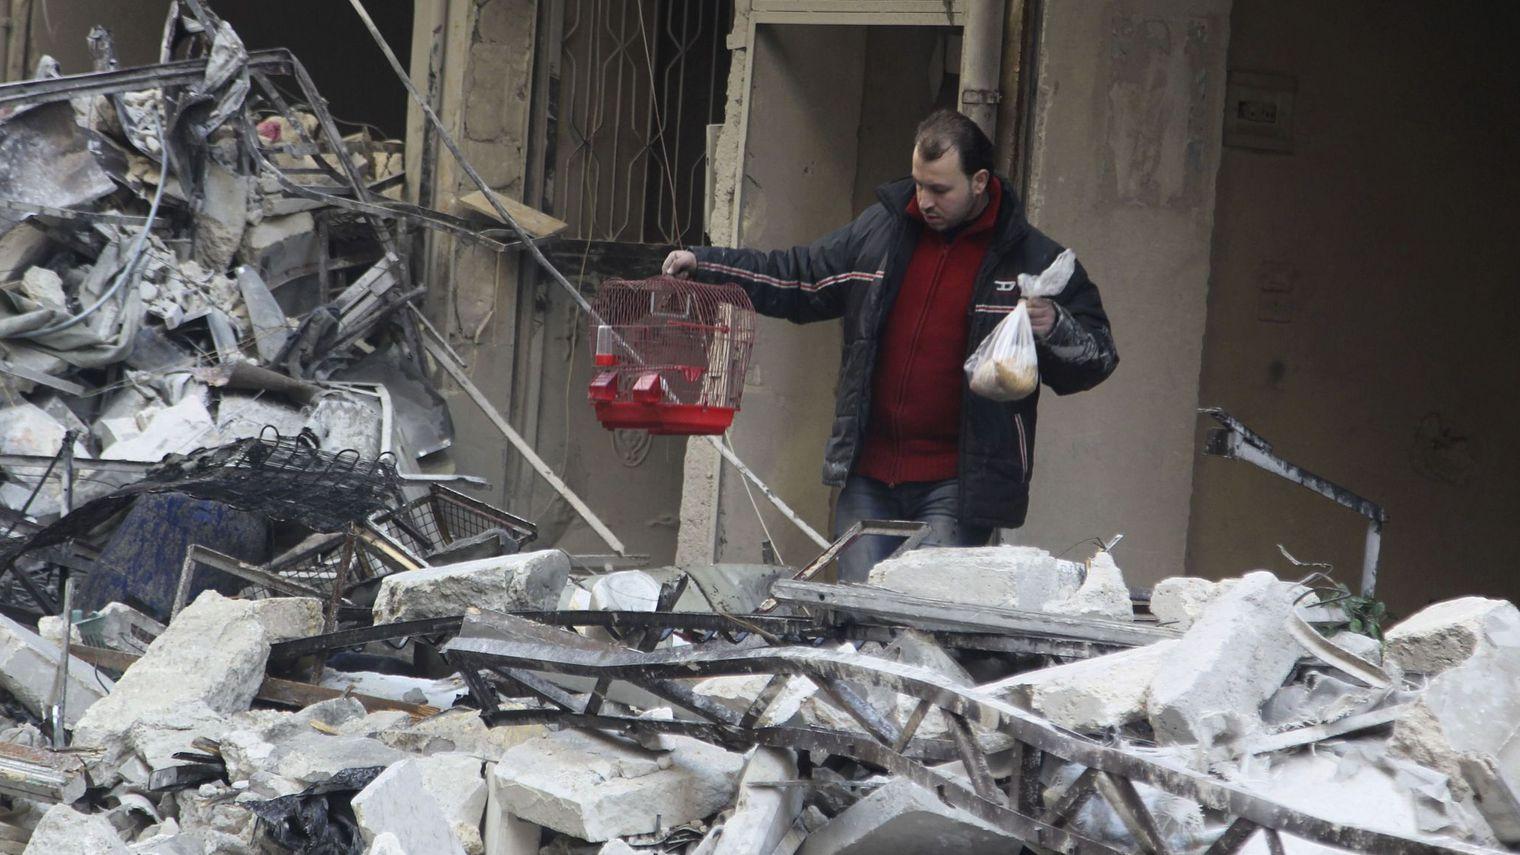 Devant la progression des troupes du régime de Bachar el-Assad, les rebelles et les civils des quartiers Est de la ville d'Alep pourraient se retrouver prochainement asphyxiés, leur principale route d'approvisionnement vers la Turquie ayant été coupée mercredi.